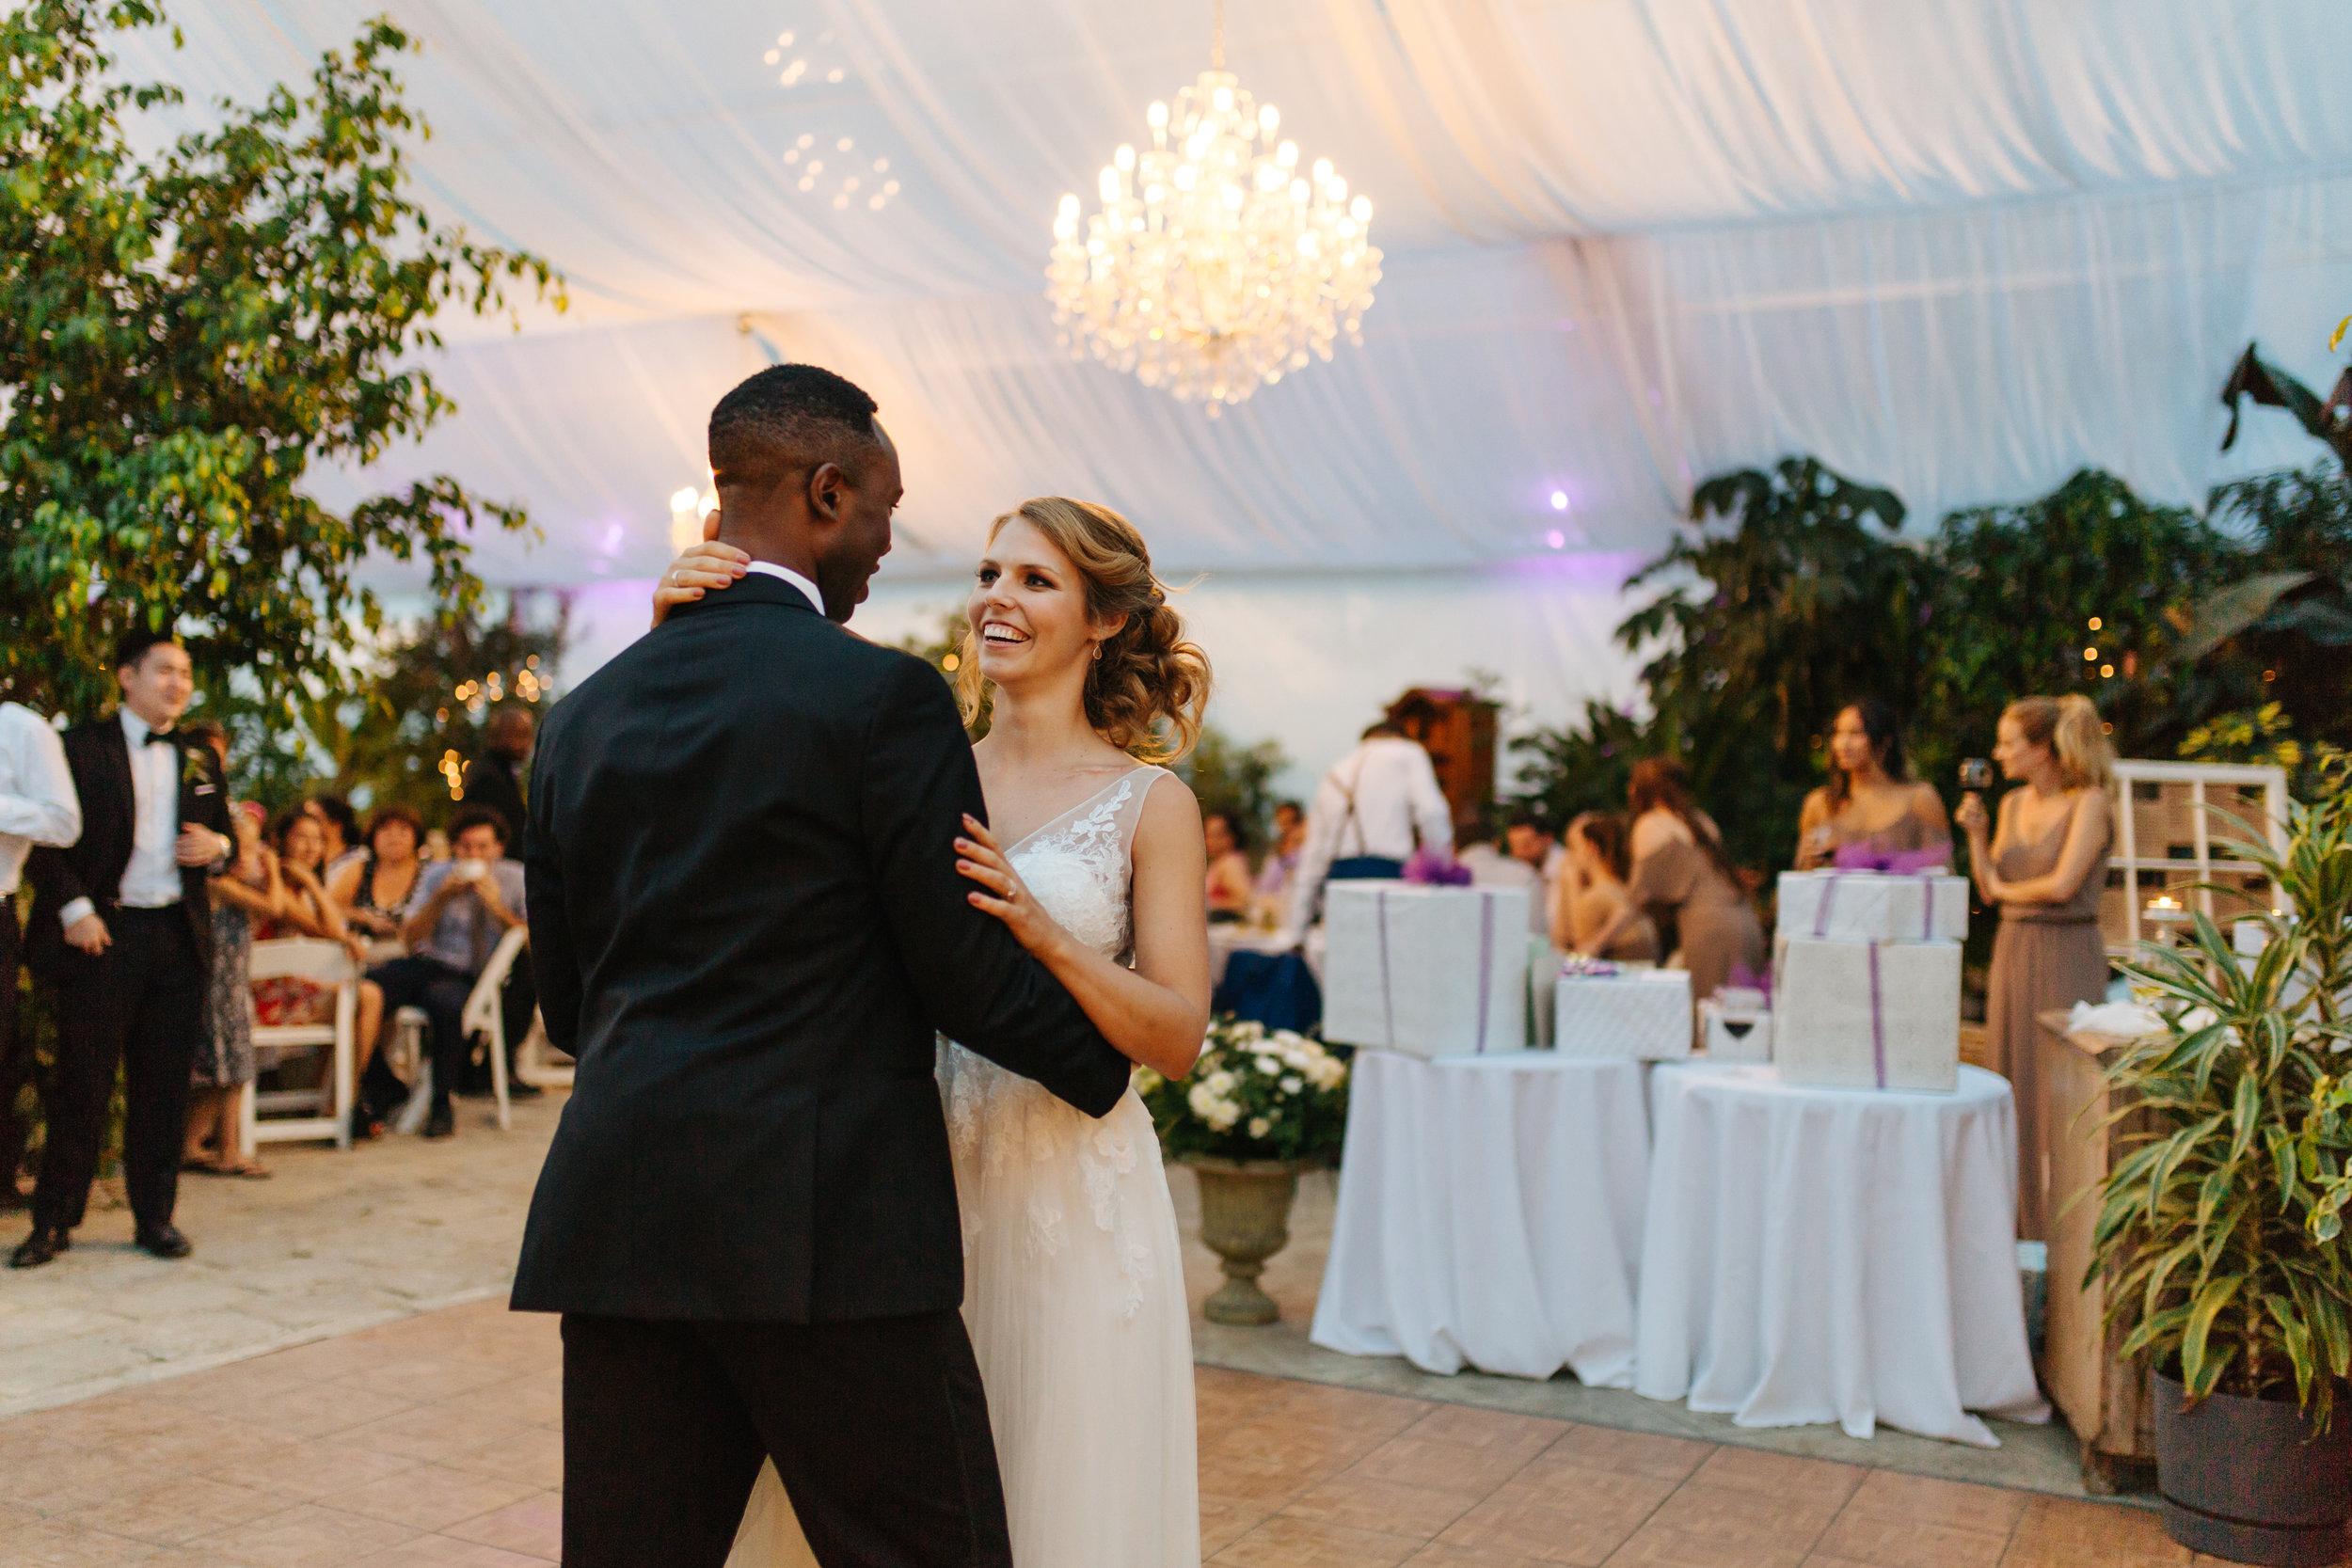 herastudios_weddings_stevie_kevin_hera_selects-84.jpg